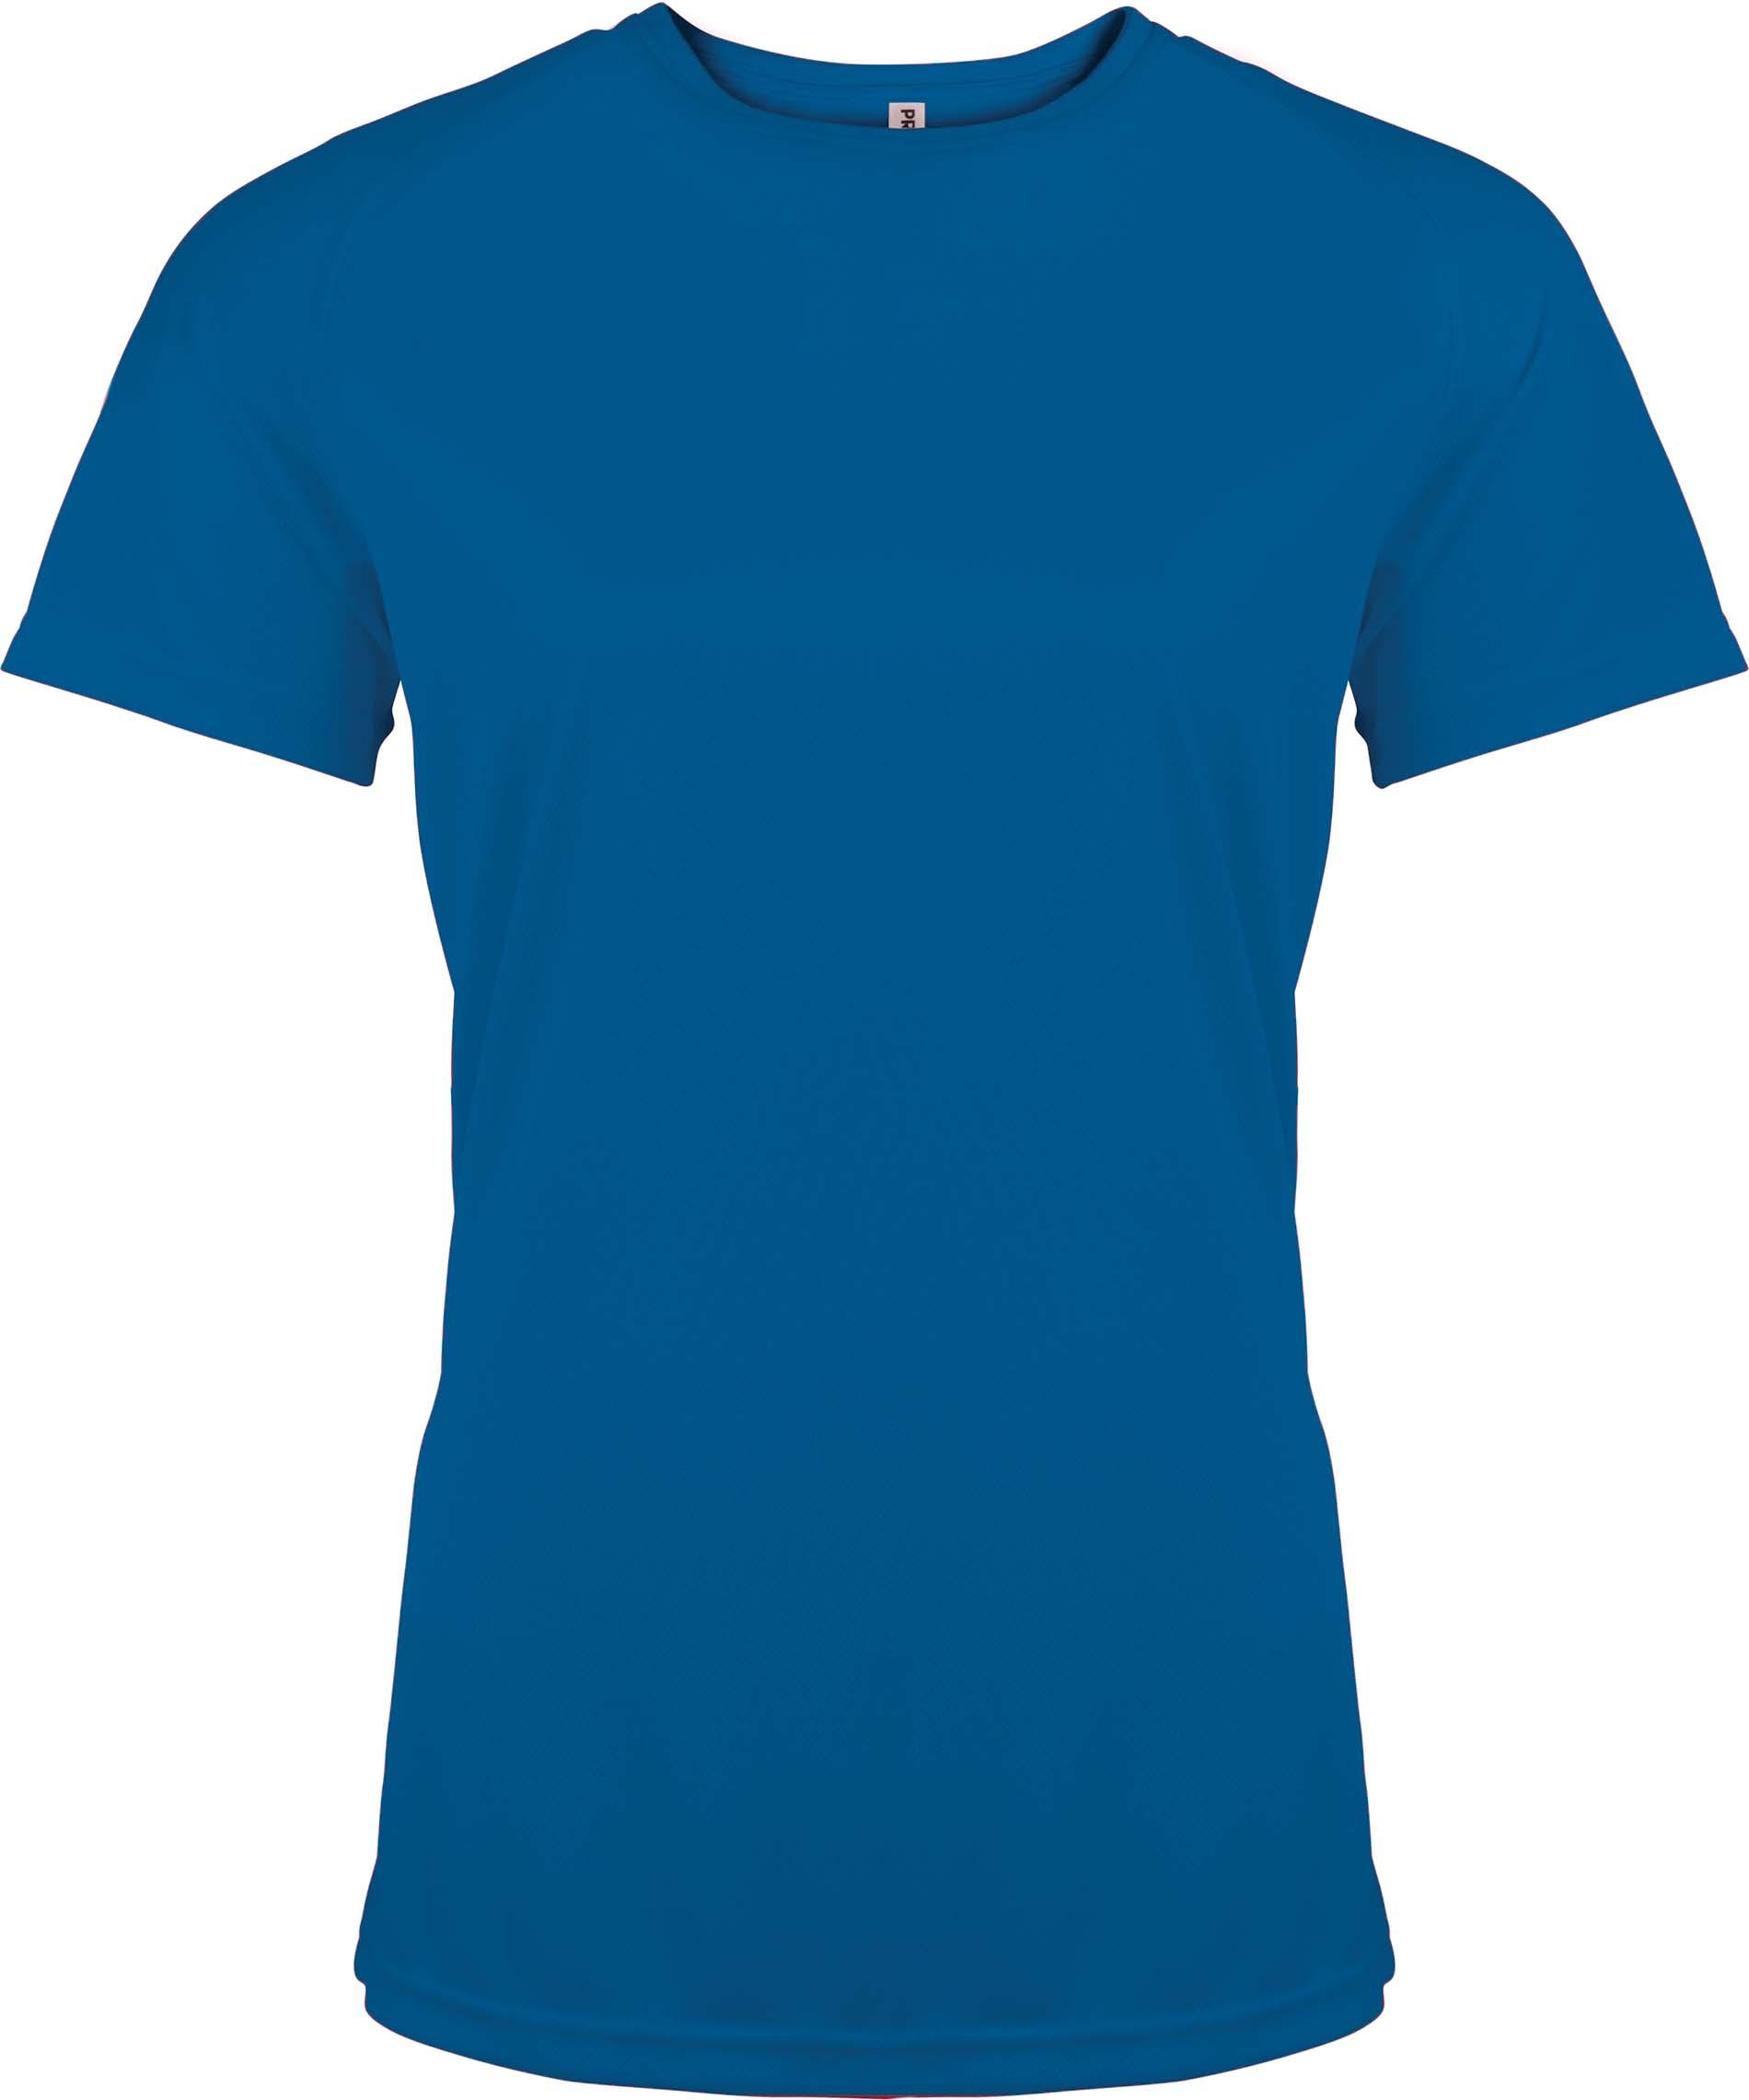 Naisten tekninen T-paita PA439 Royal